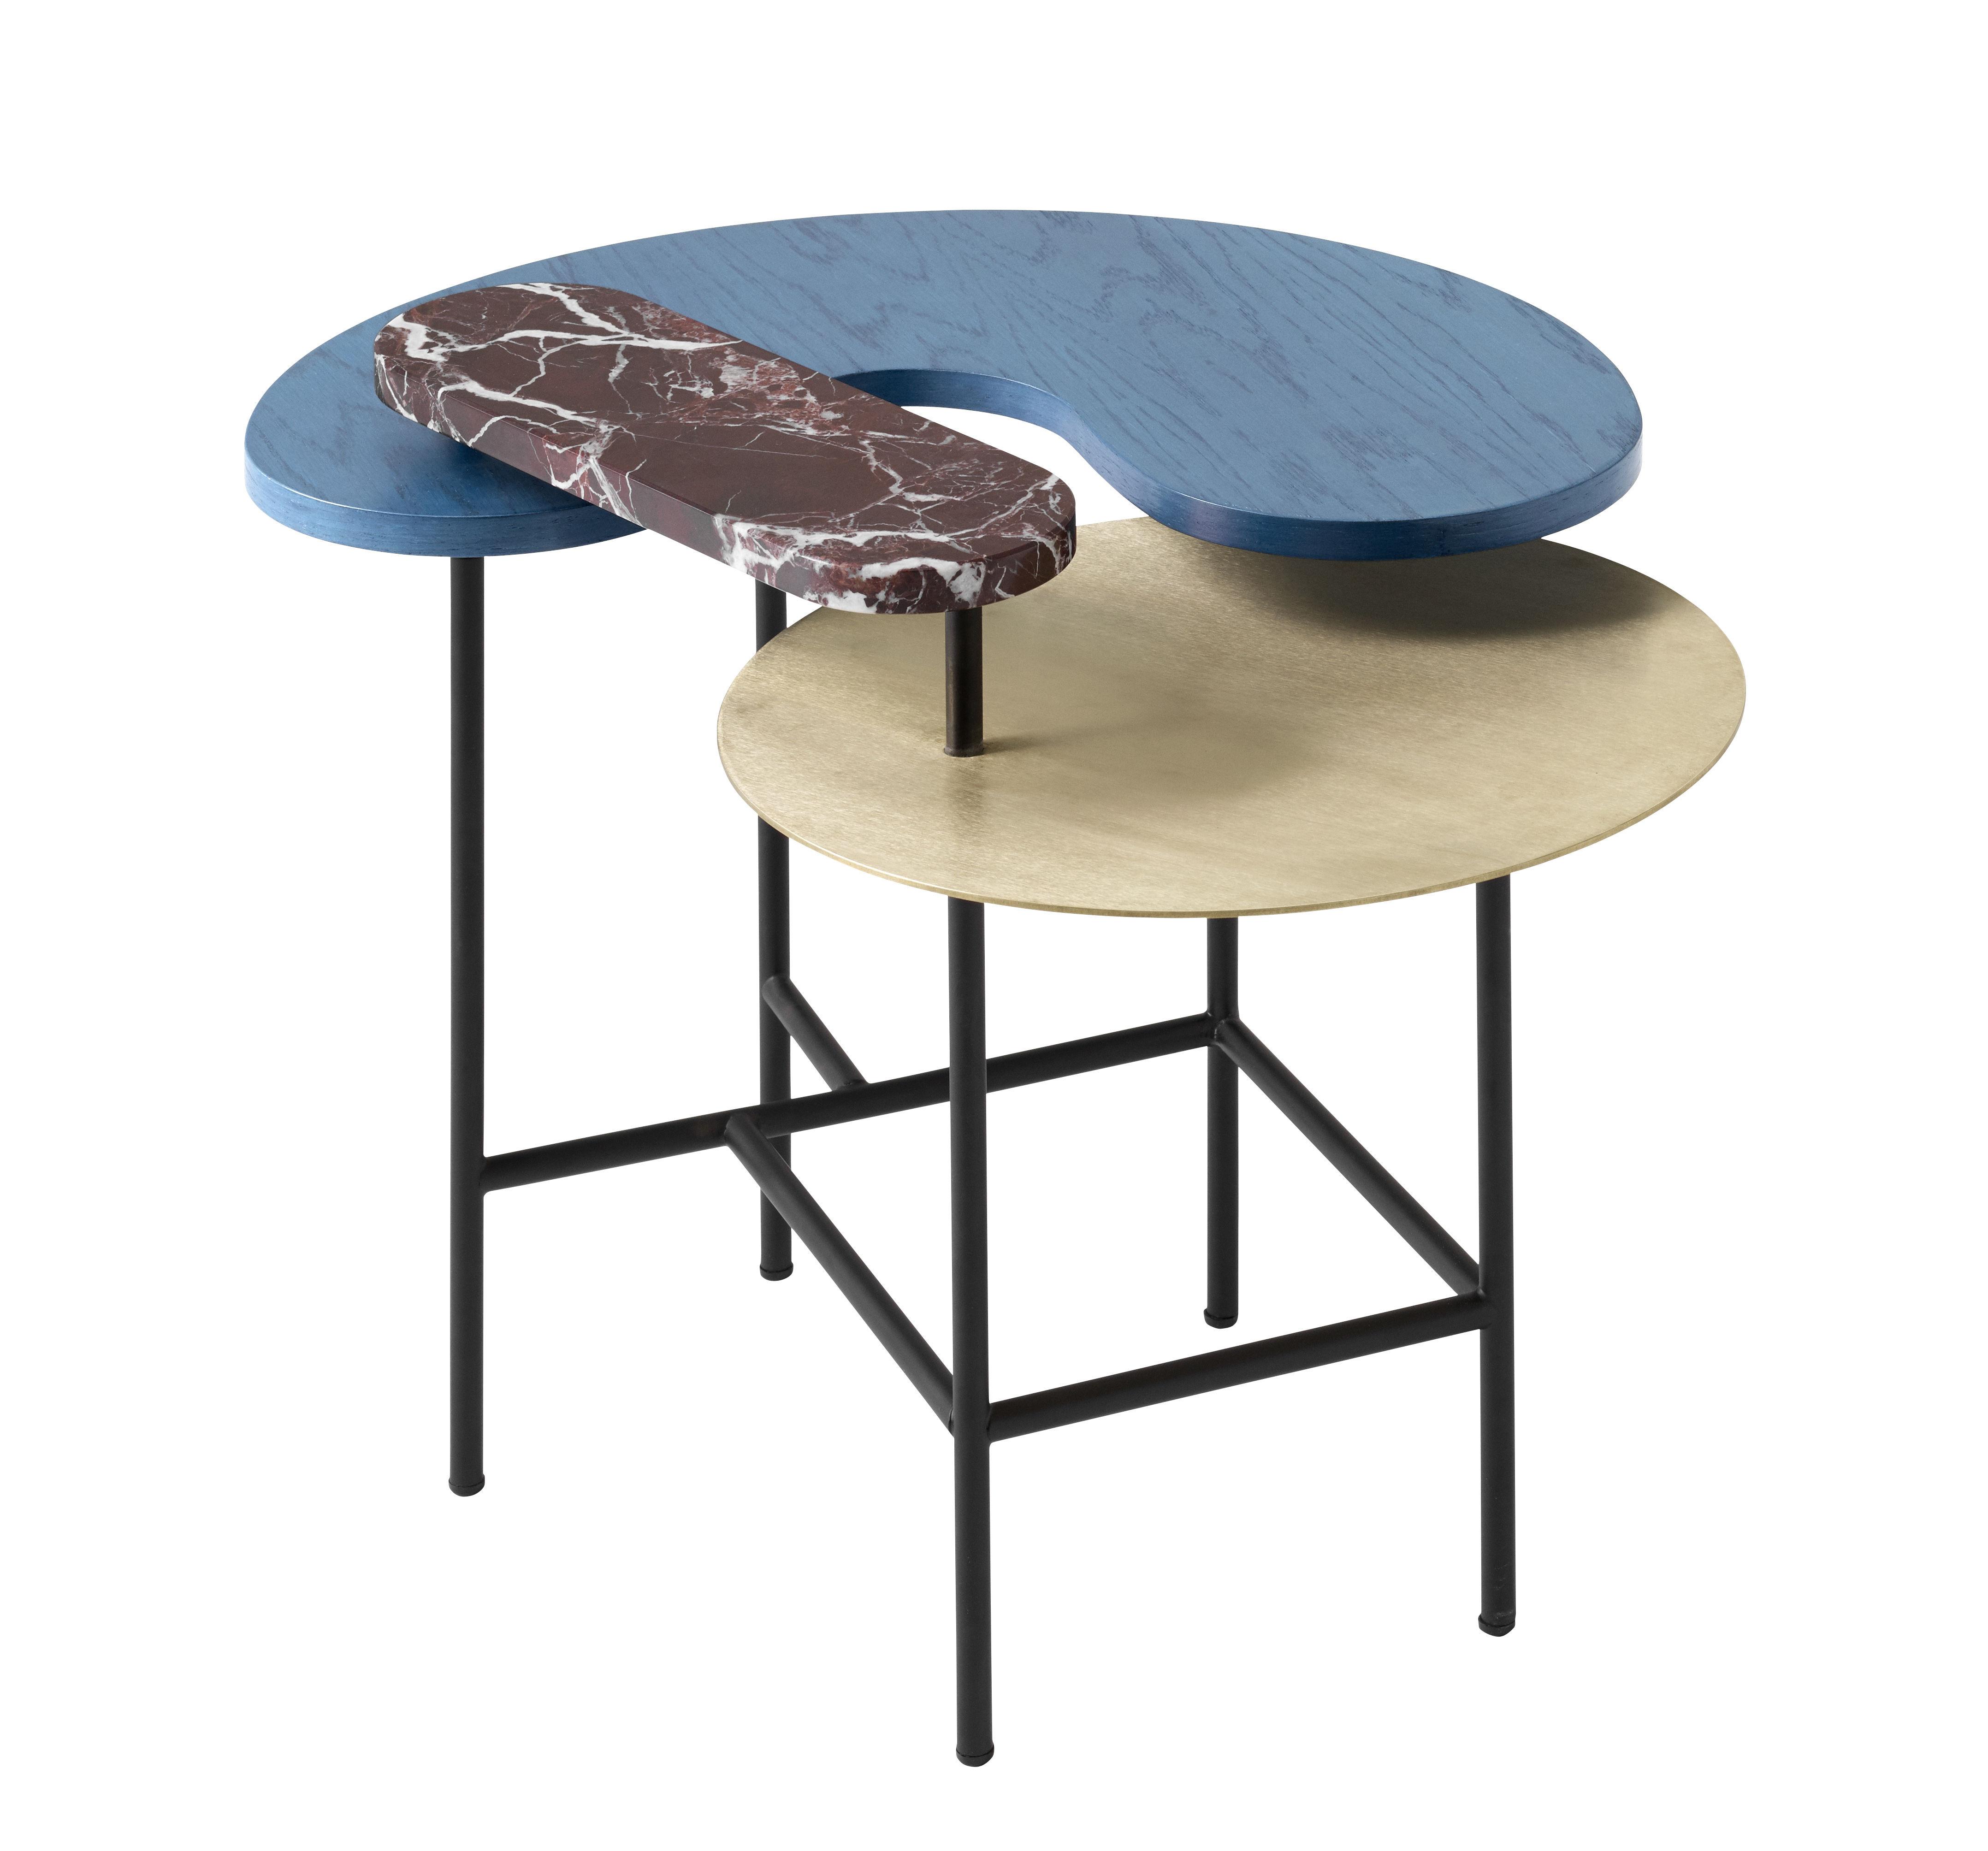 Mobilier - Tables basses - Table basse Palette JH8 / 3 plateaux - &tradition - Bleu, rouge et or / Piètement noir - Acier, Frêne, Laiton, Marbre